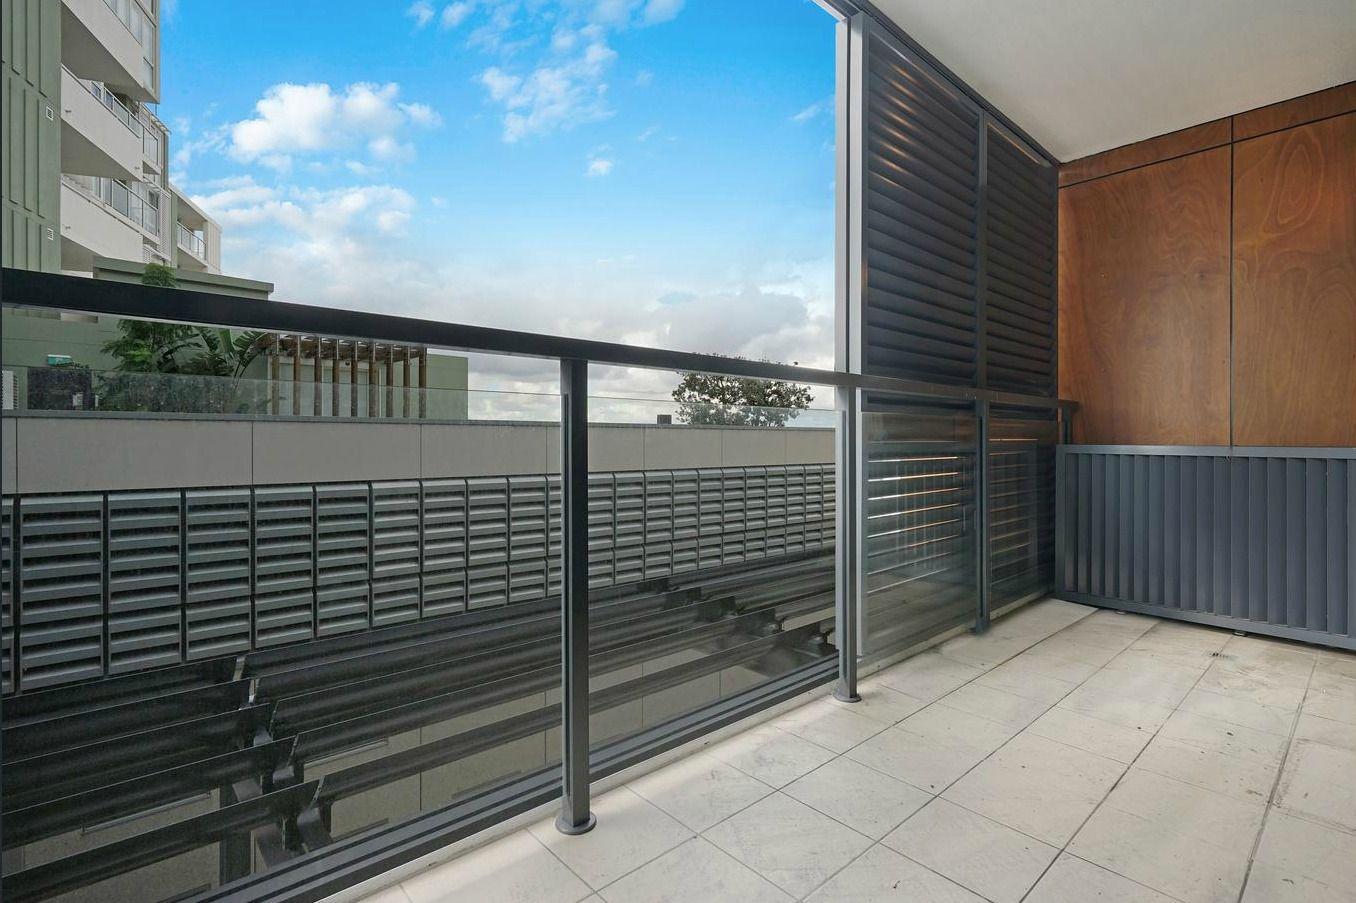 507A/6 Devlin Street, Ryde NSW 2112, Image 9